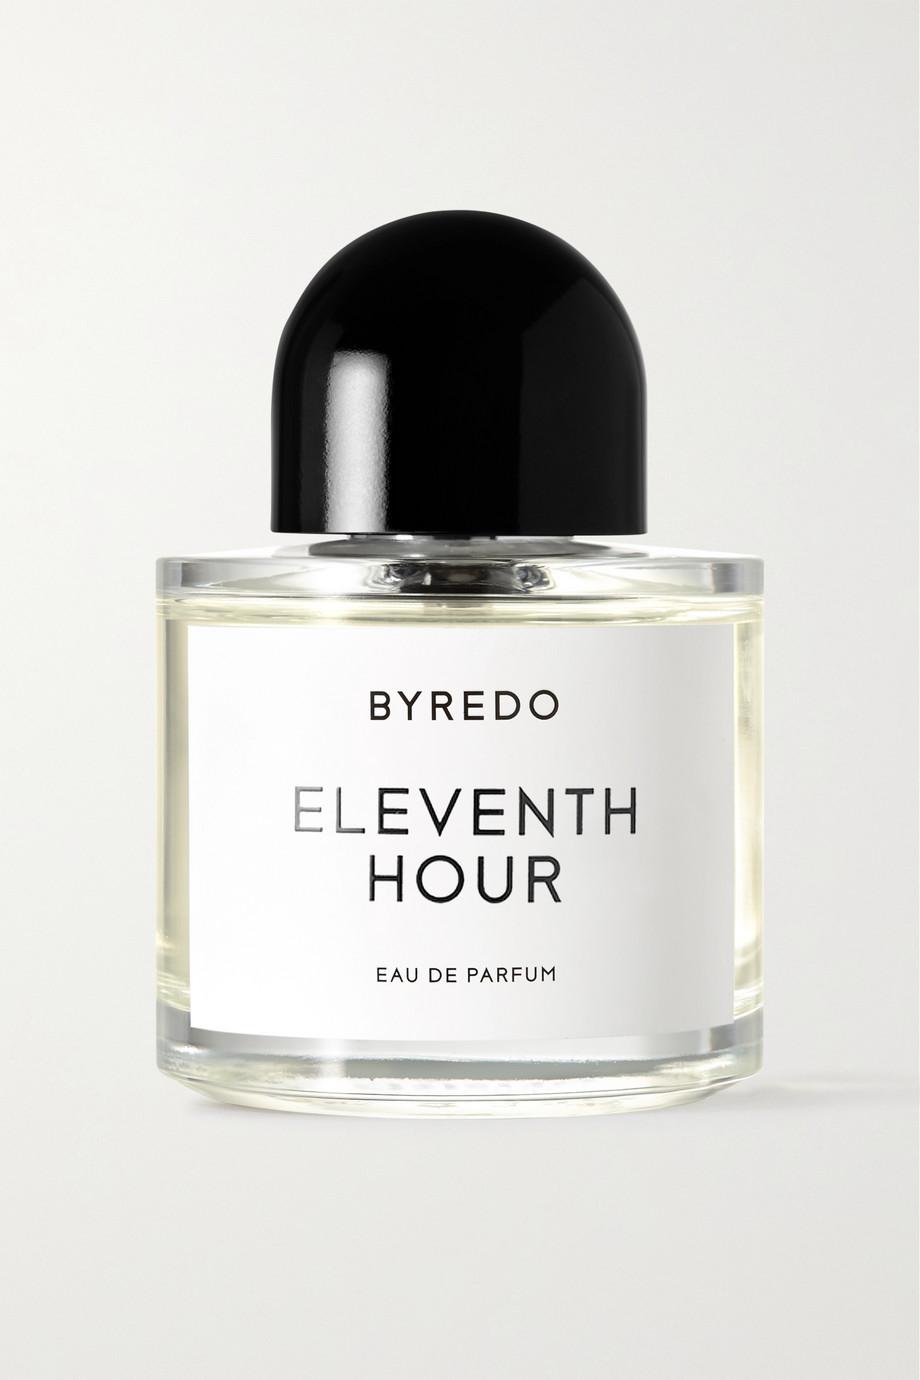 Byredo Eau de Parfum - Eleventh Hour, 100ml